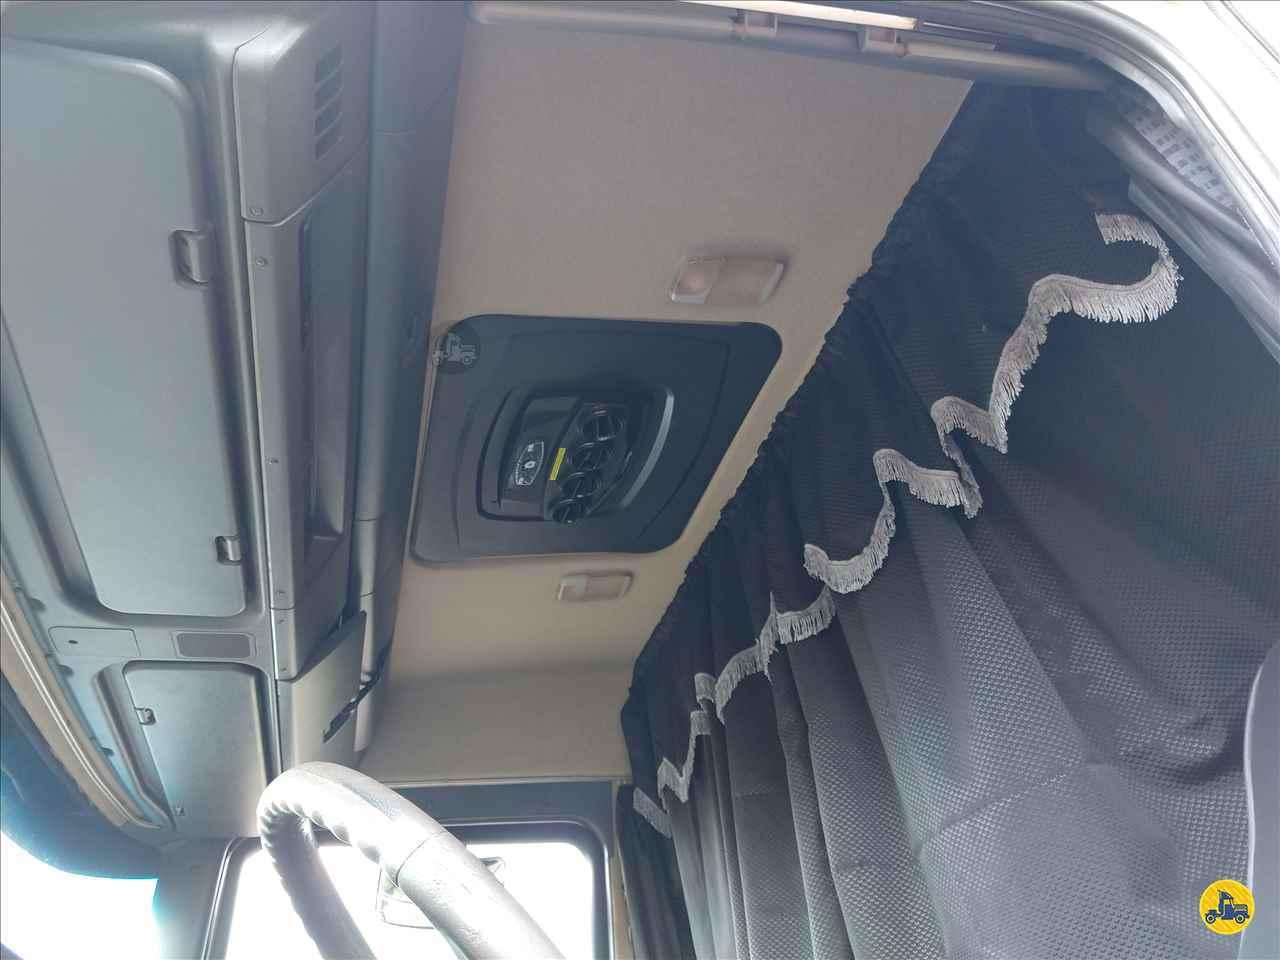 SCANIA SCANIA 420 959500km 2010/2010 Caminhões Multimarcas Nota 10